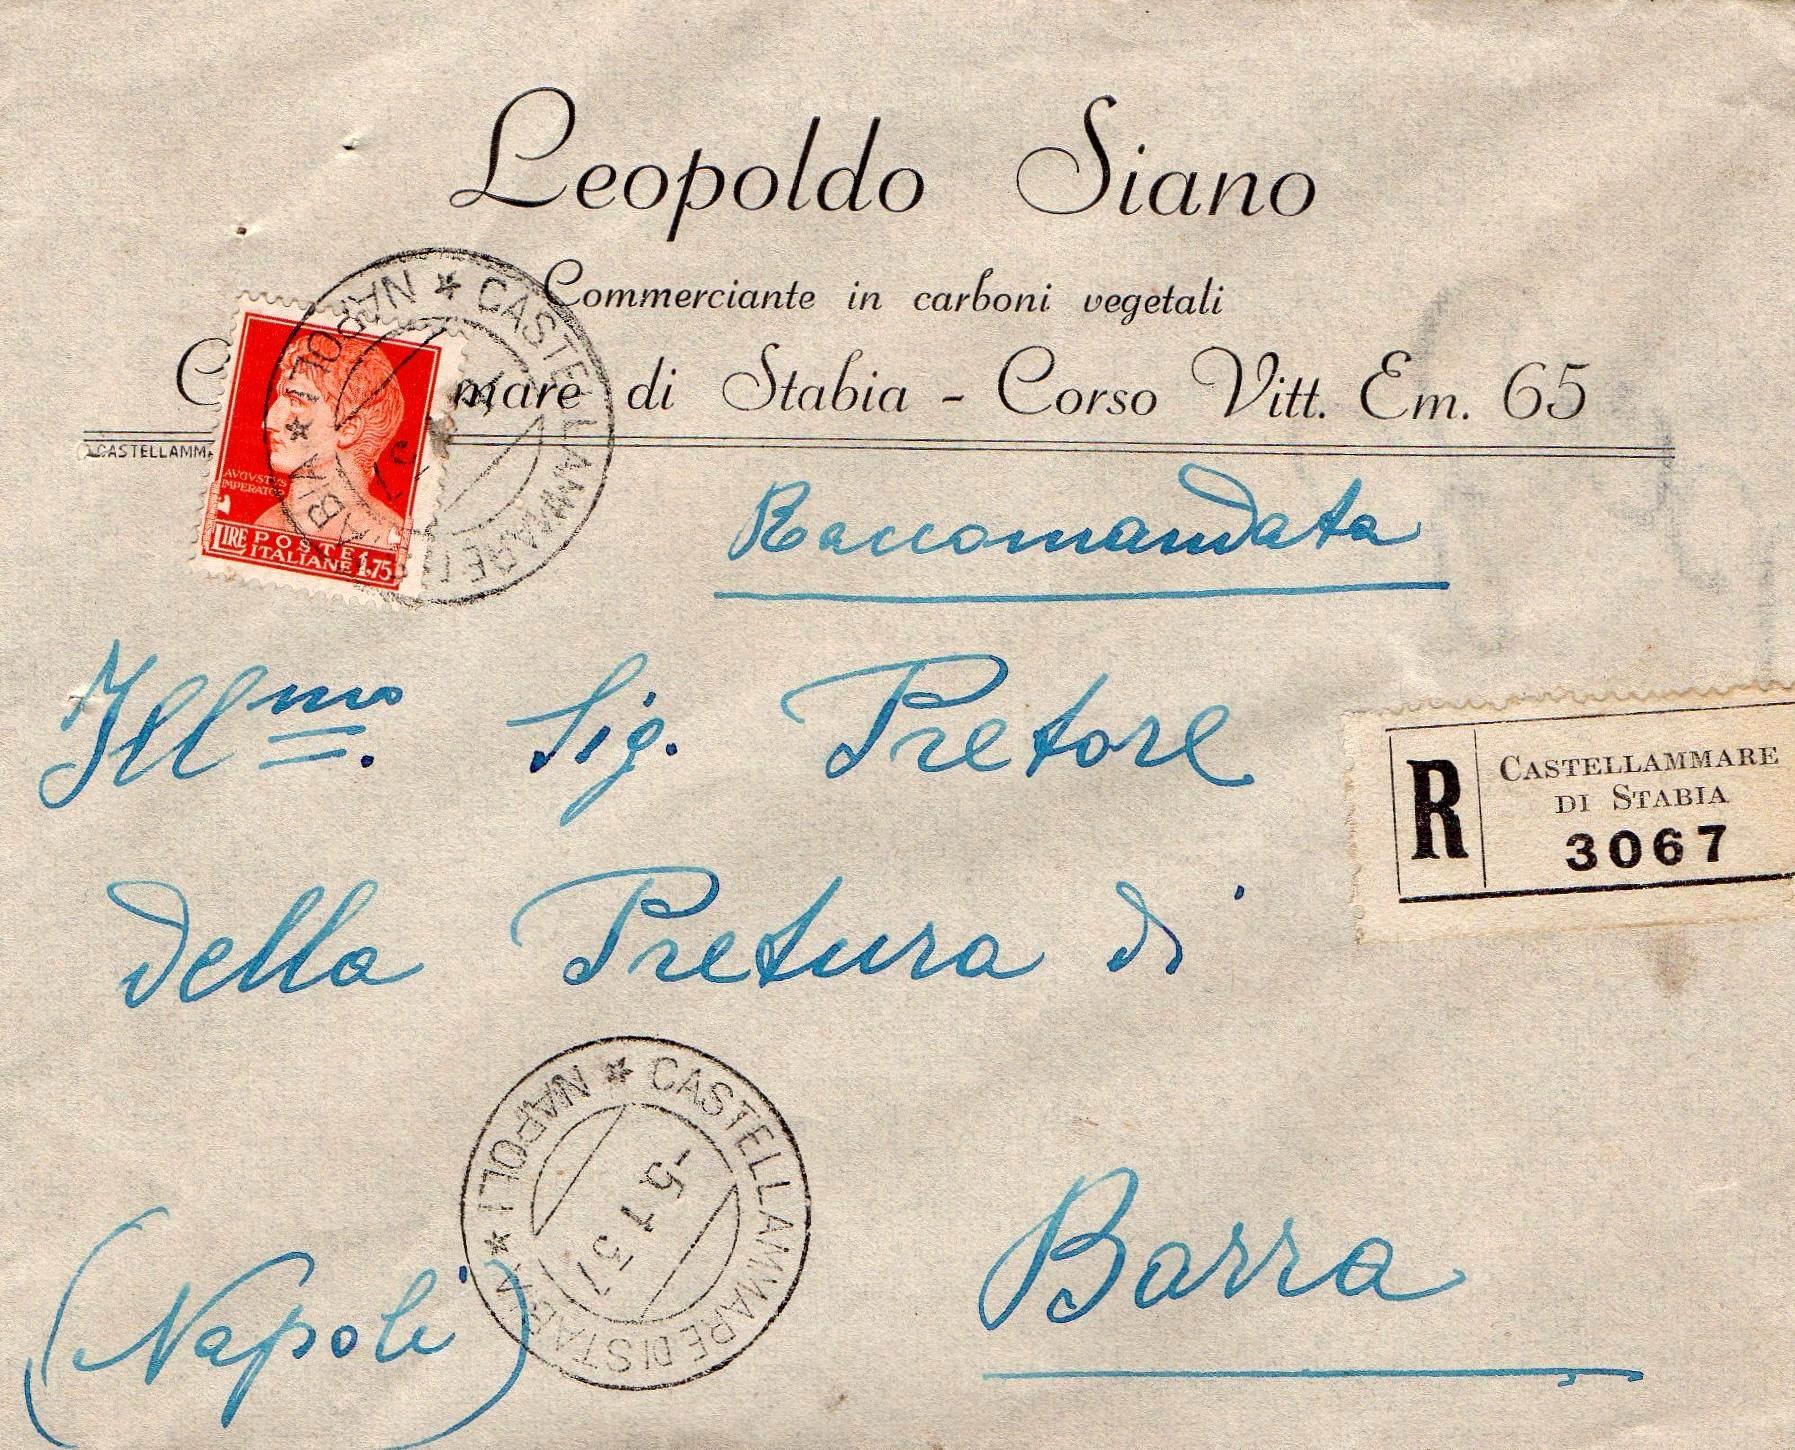 Leopoldo Siano